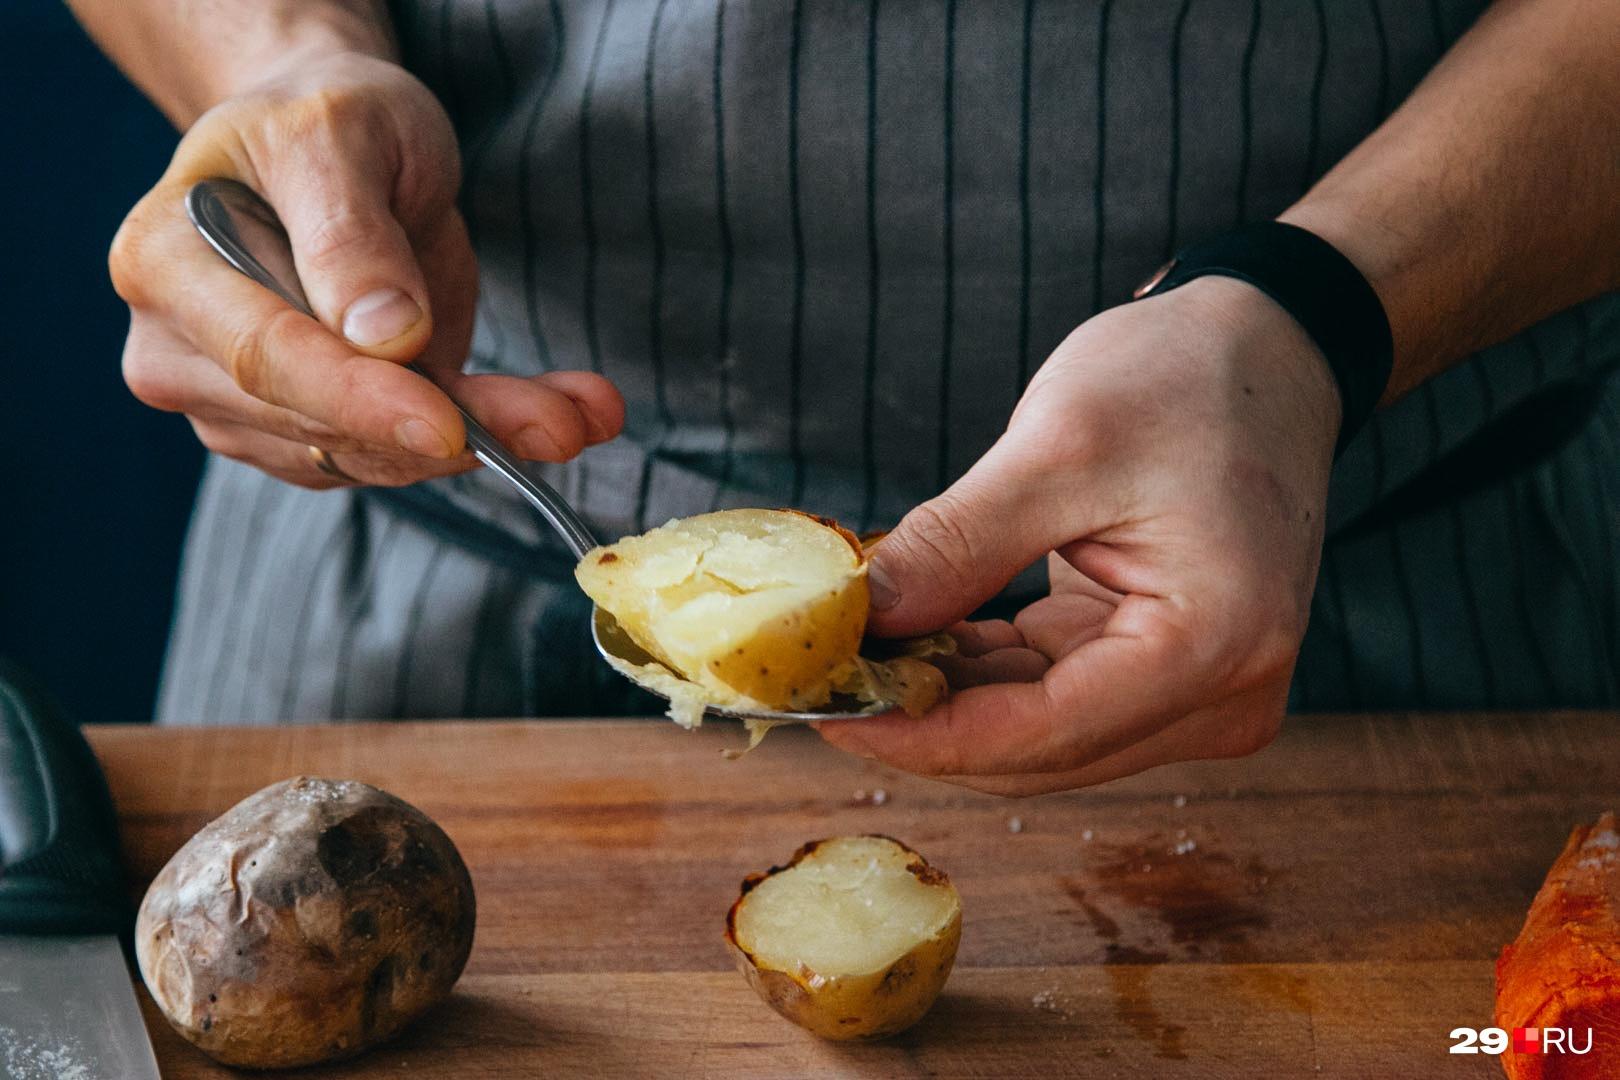 Печеный и отварной картофель — самые безопасные. Дальше пользы меньше, а вреда больше